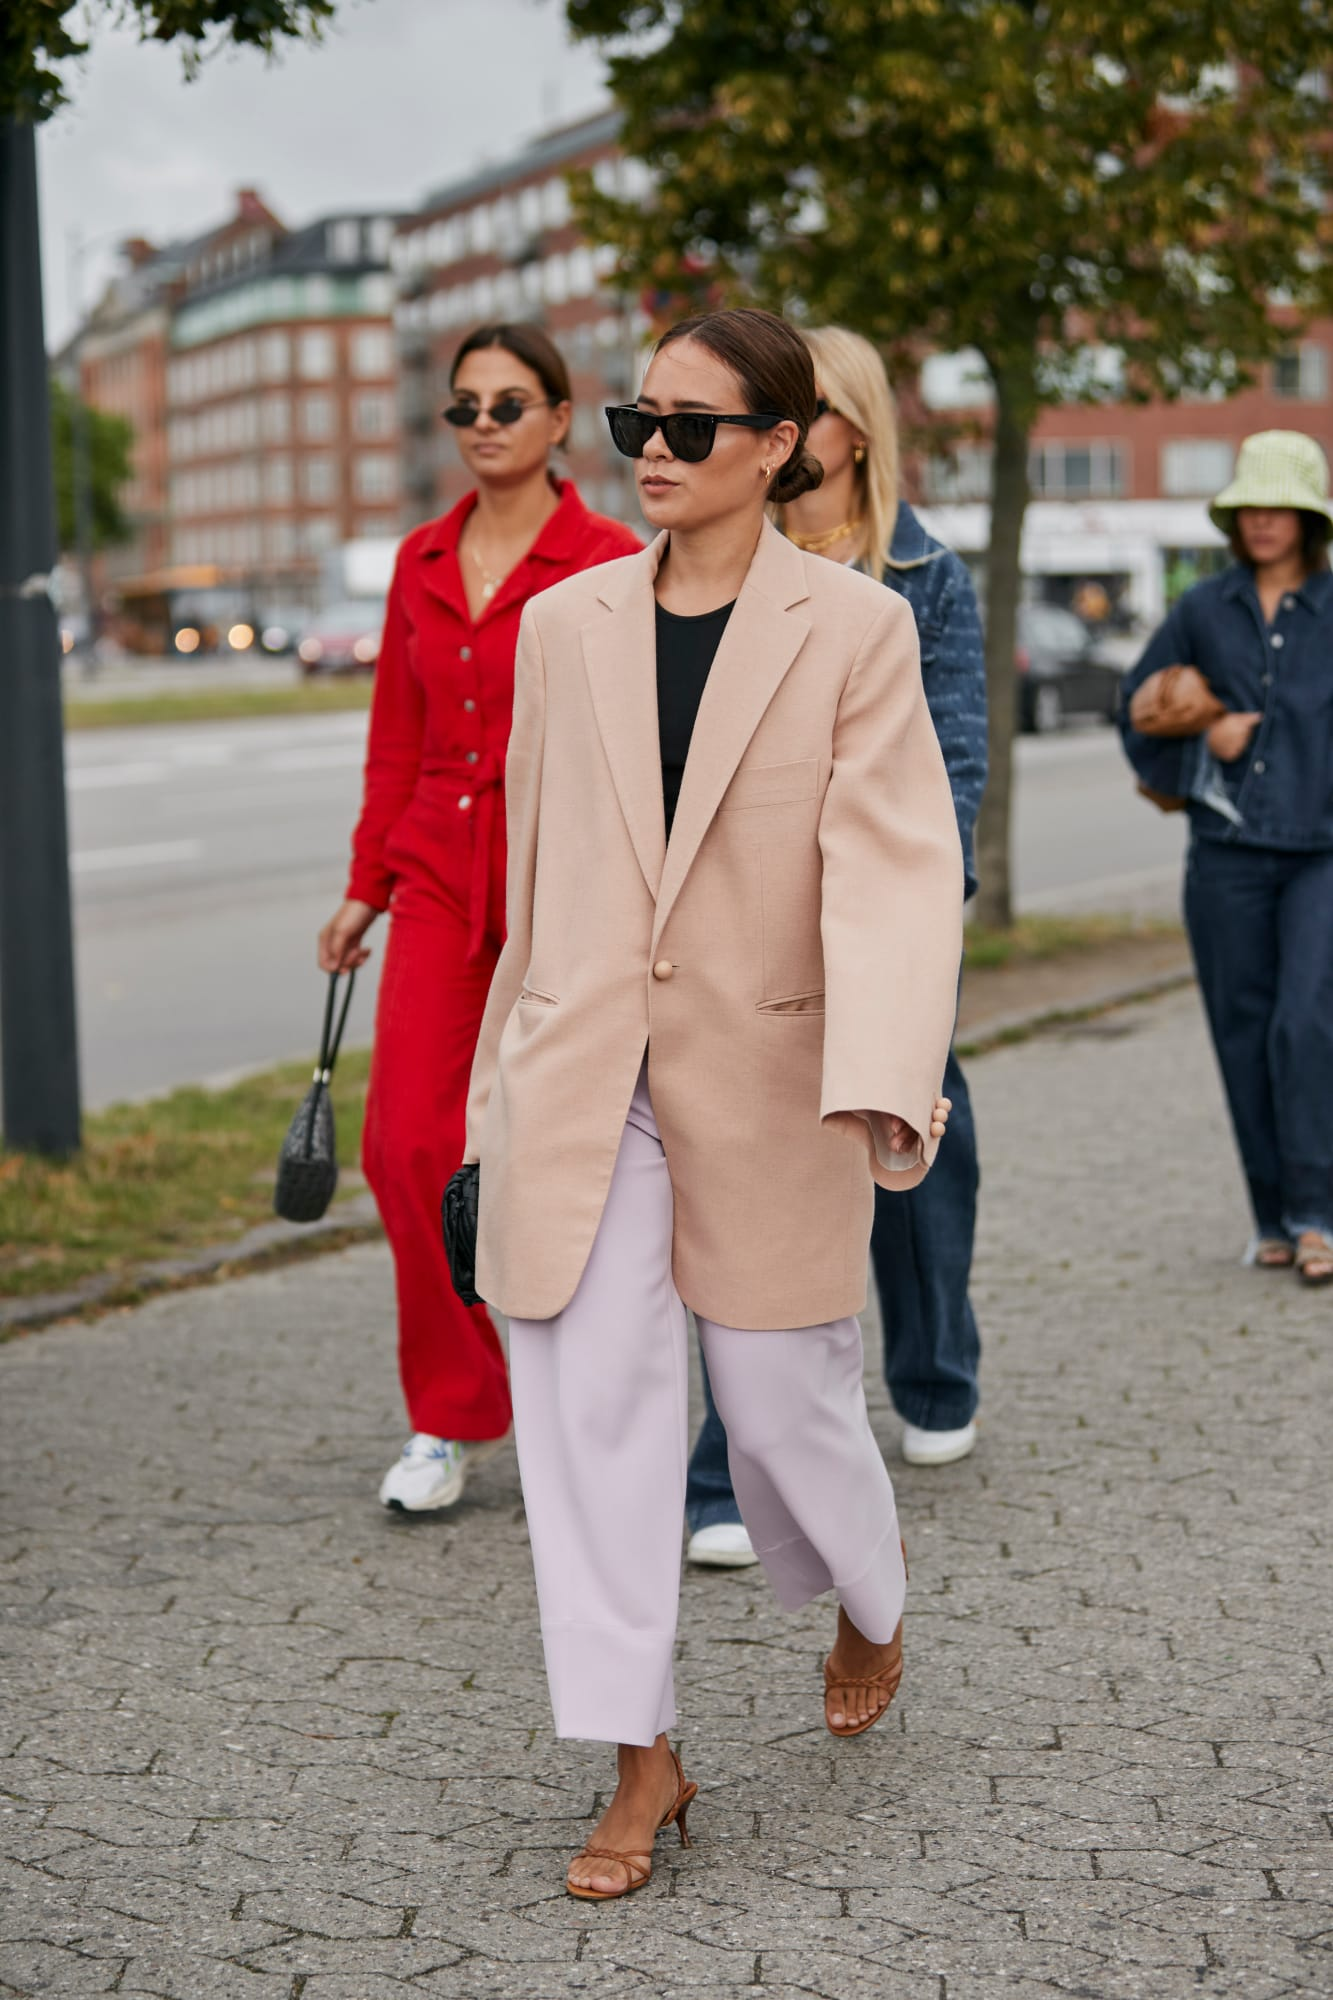 Az oversize blézer semleges színekkel, laza nadrággal kellemes átvezetés a nyári és őszi ruhatár között.<br />